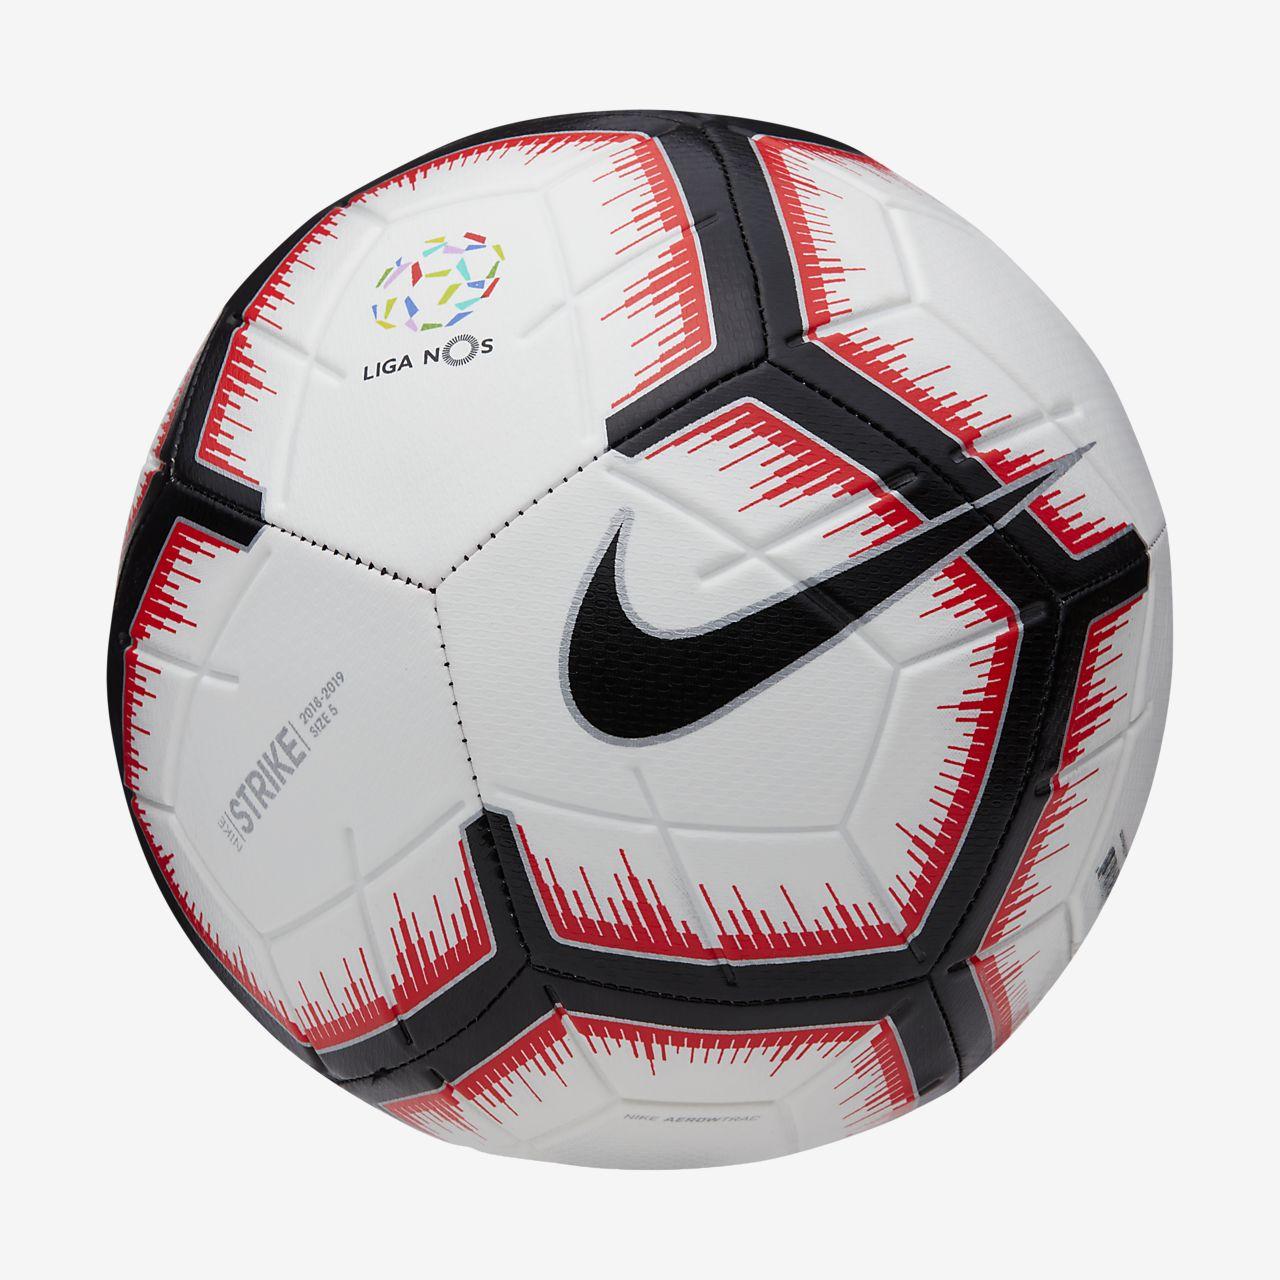 Fotboll Liga NOS Strike